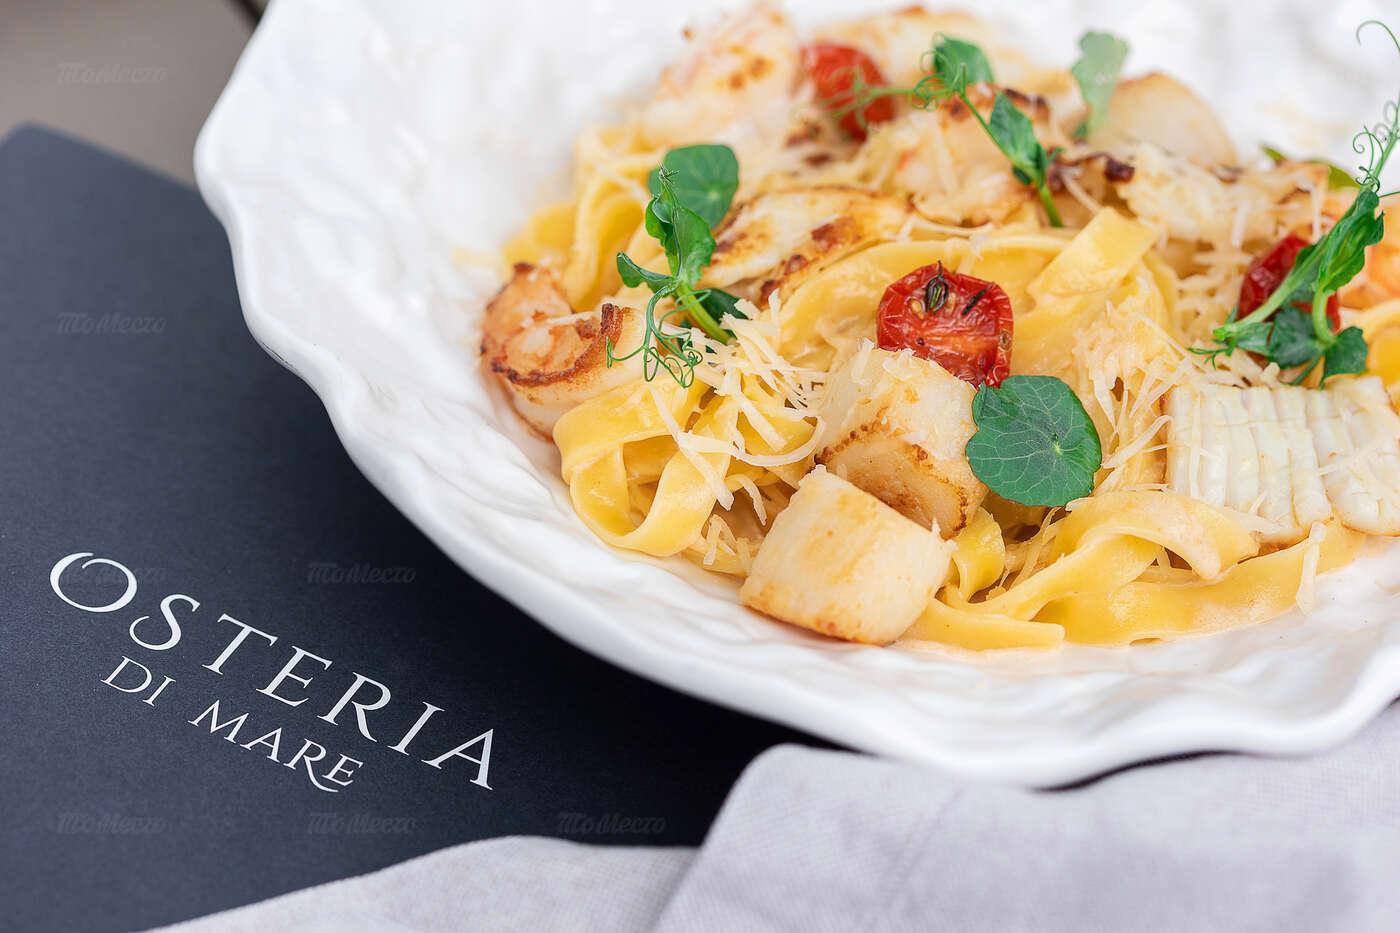 Меню ресторана Osteria di mare на Шелепихинской набережной фото 15